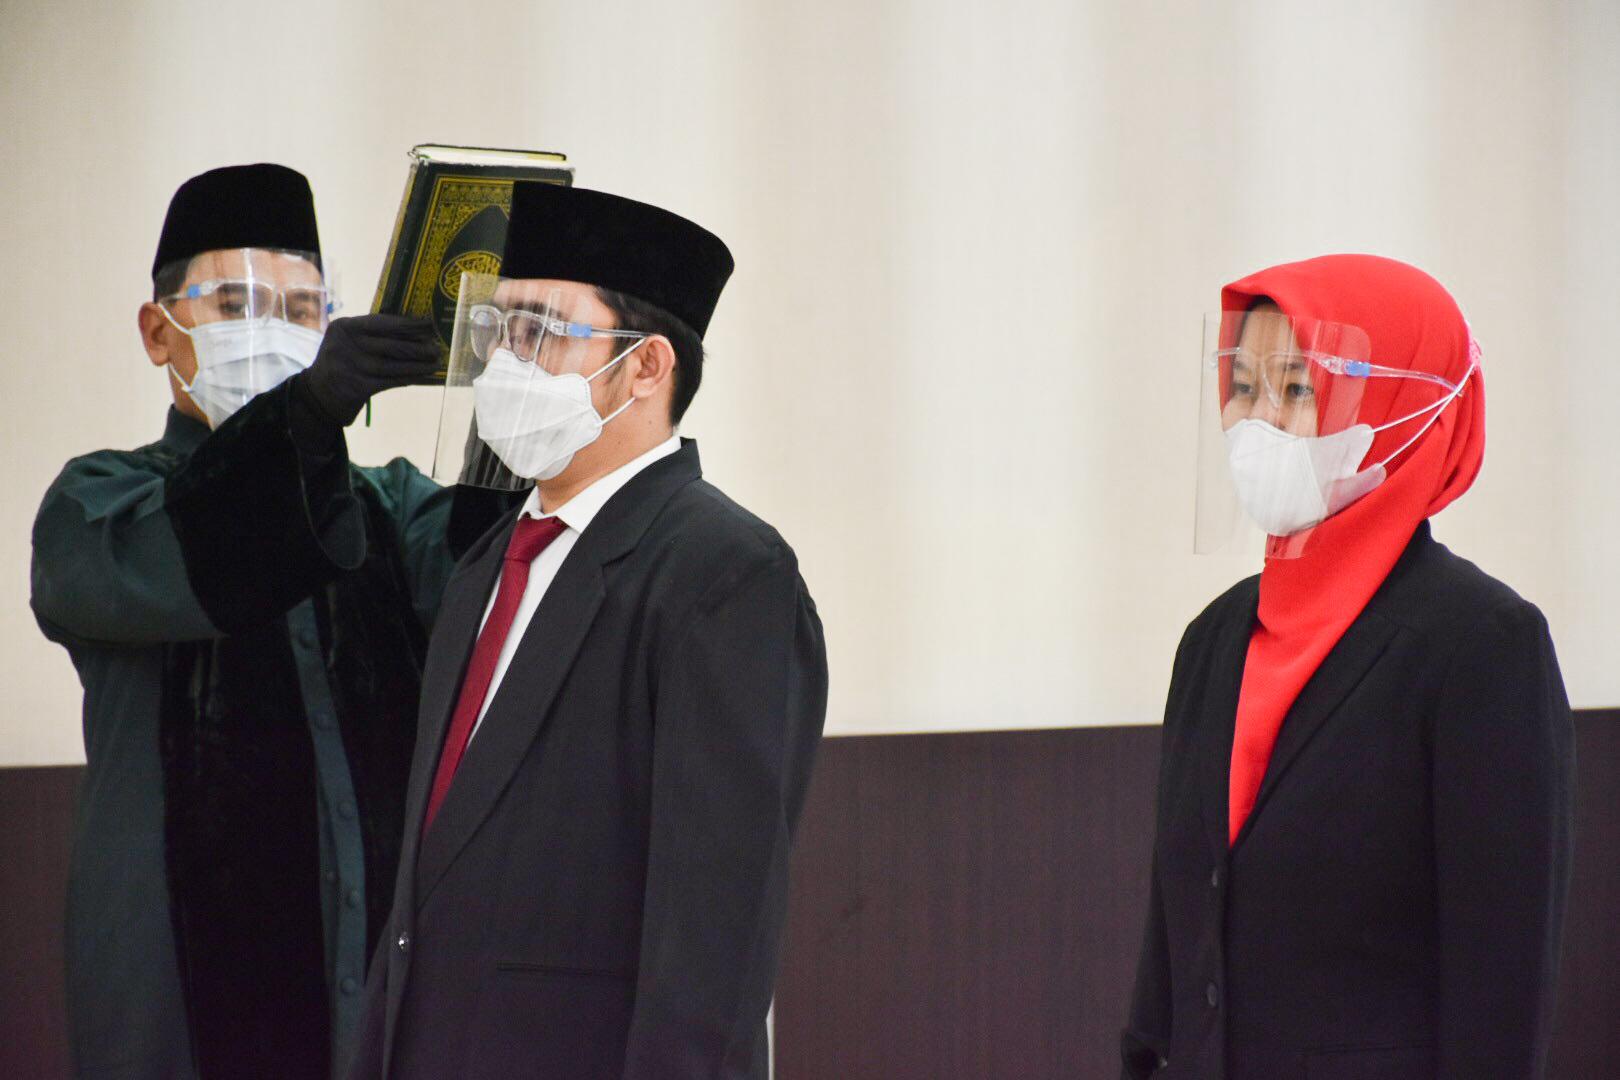 Pengambilan sumpah jabatan bagi Pegawai Negeri Sipil yang naik pangkat periode 1 April 2021 di Gedung Slamet Bratanata, Jakarta (05/04/2021) (NS)